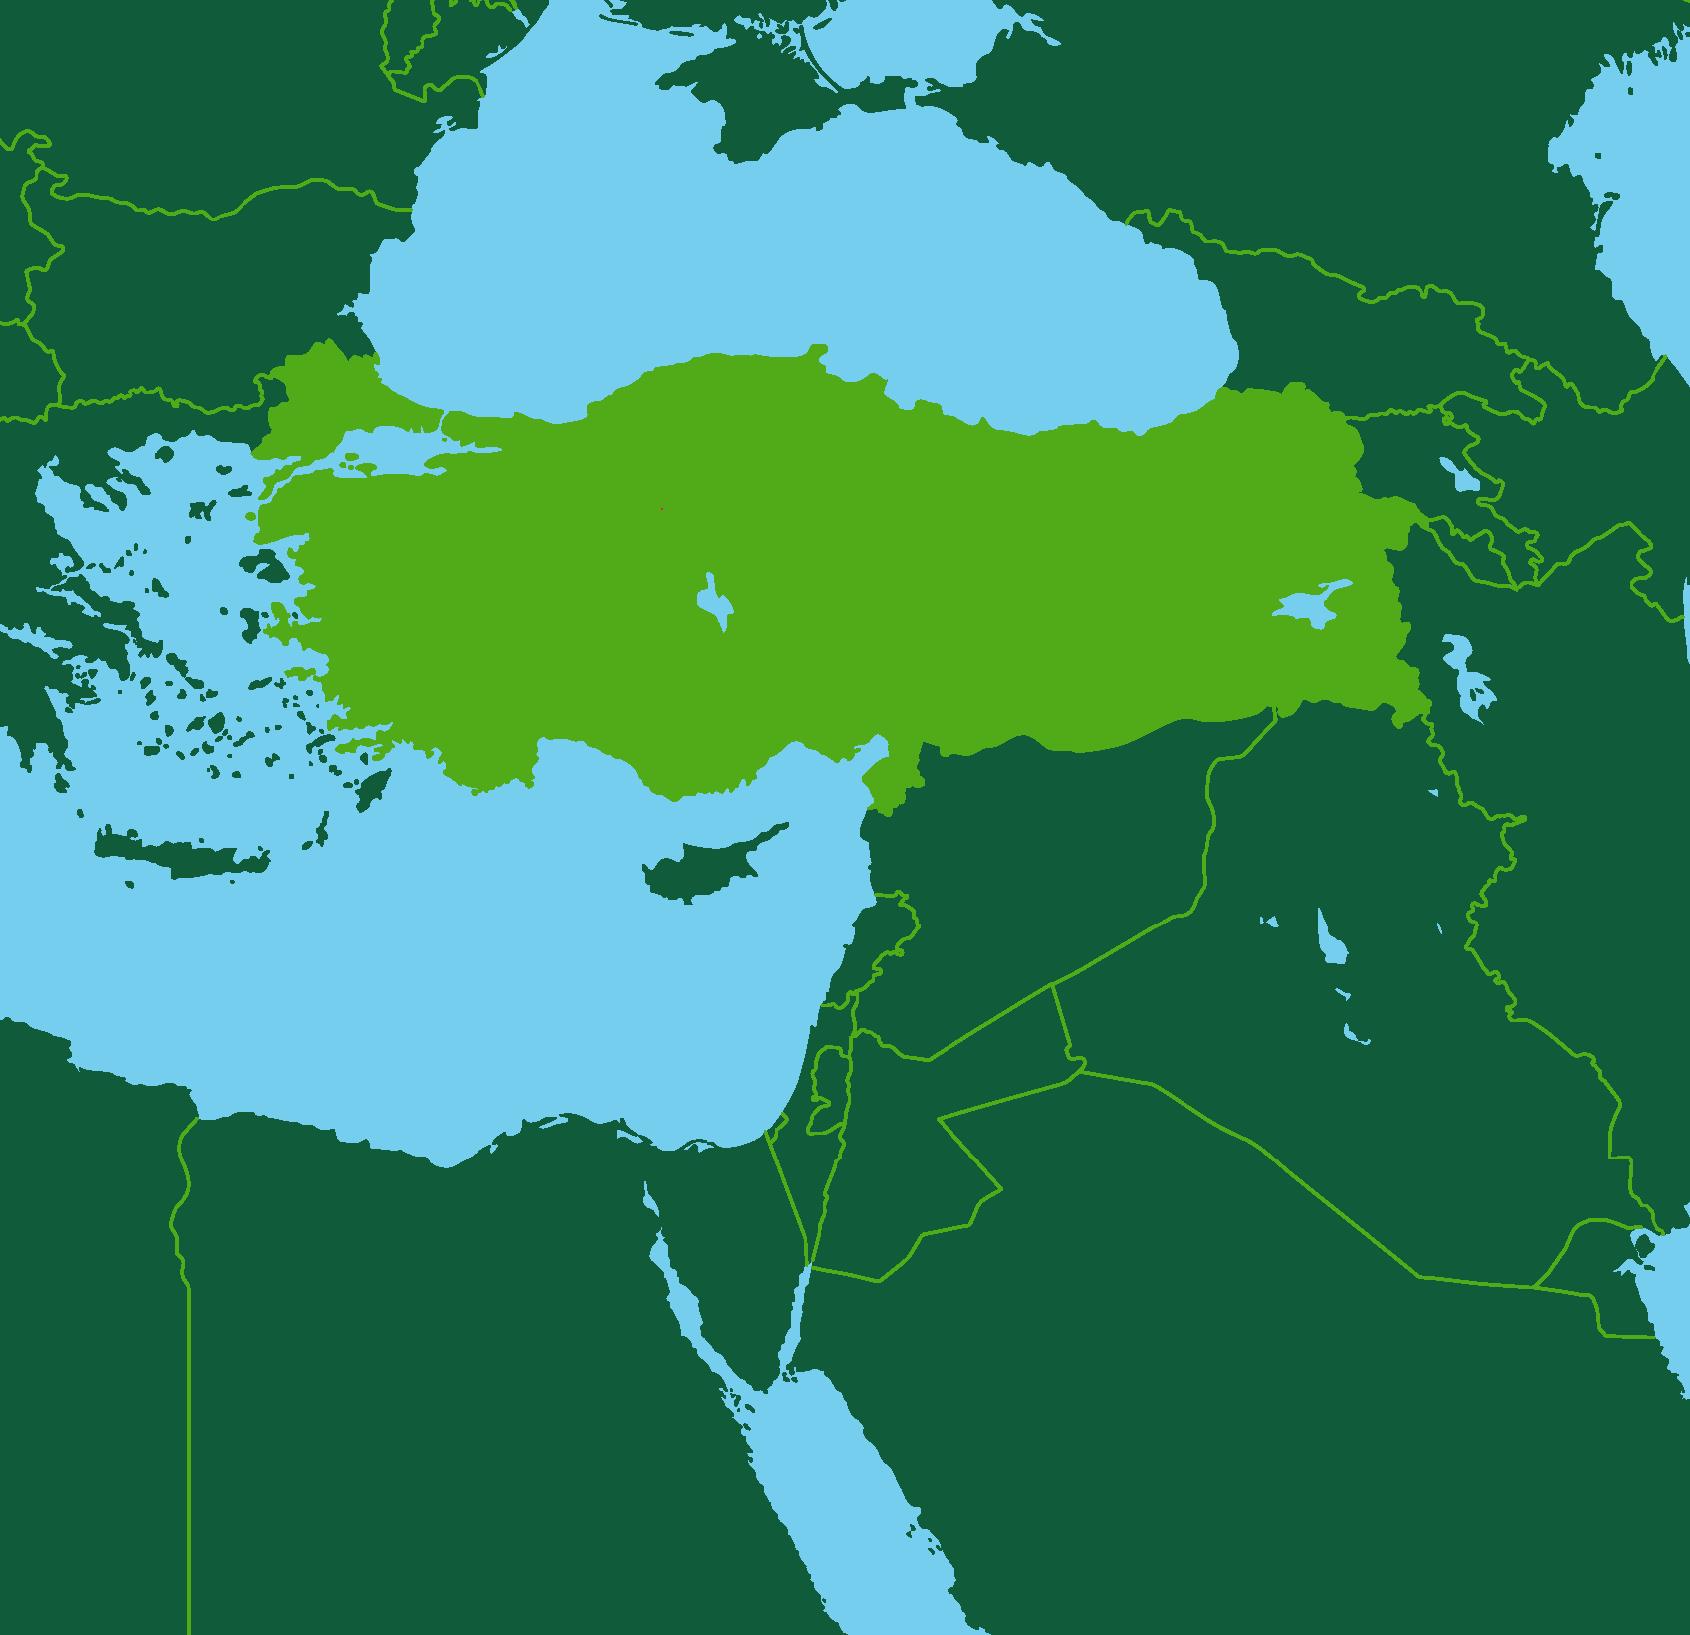 Turkei Politik Fur Kinder Einfach Erklart Hanisauland De